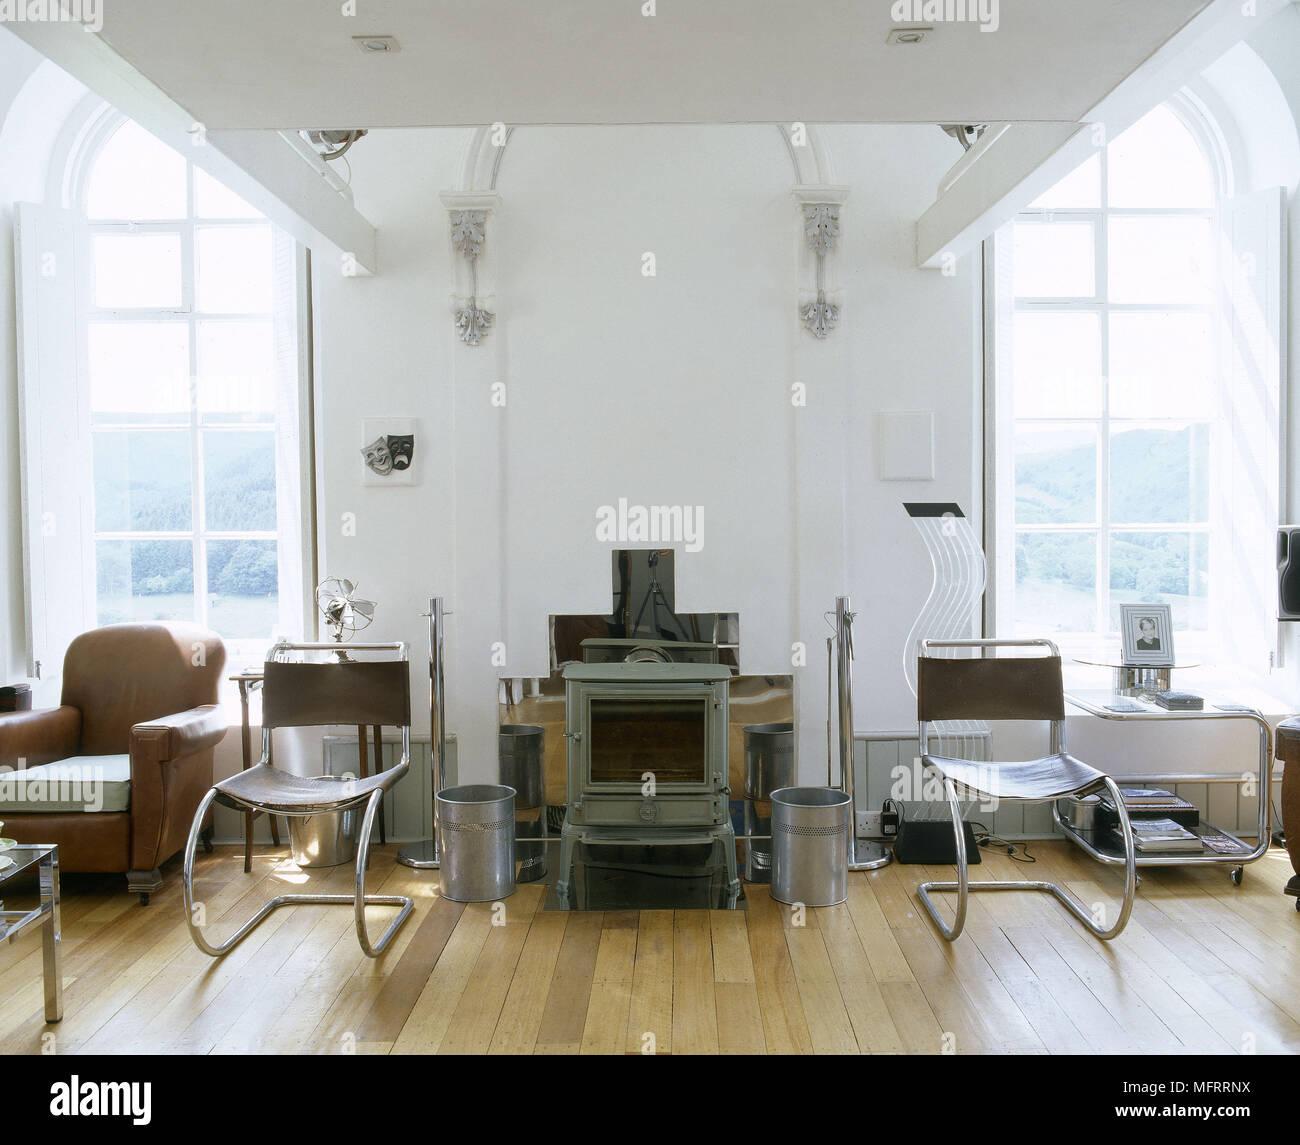 Ein Modernes Wohnzimmer Mit Retro Styling Holz Holzofen Chrom Und